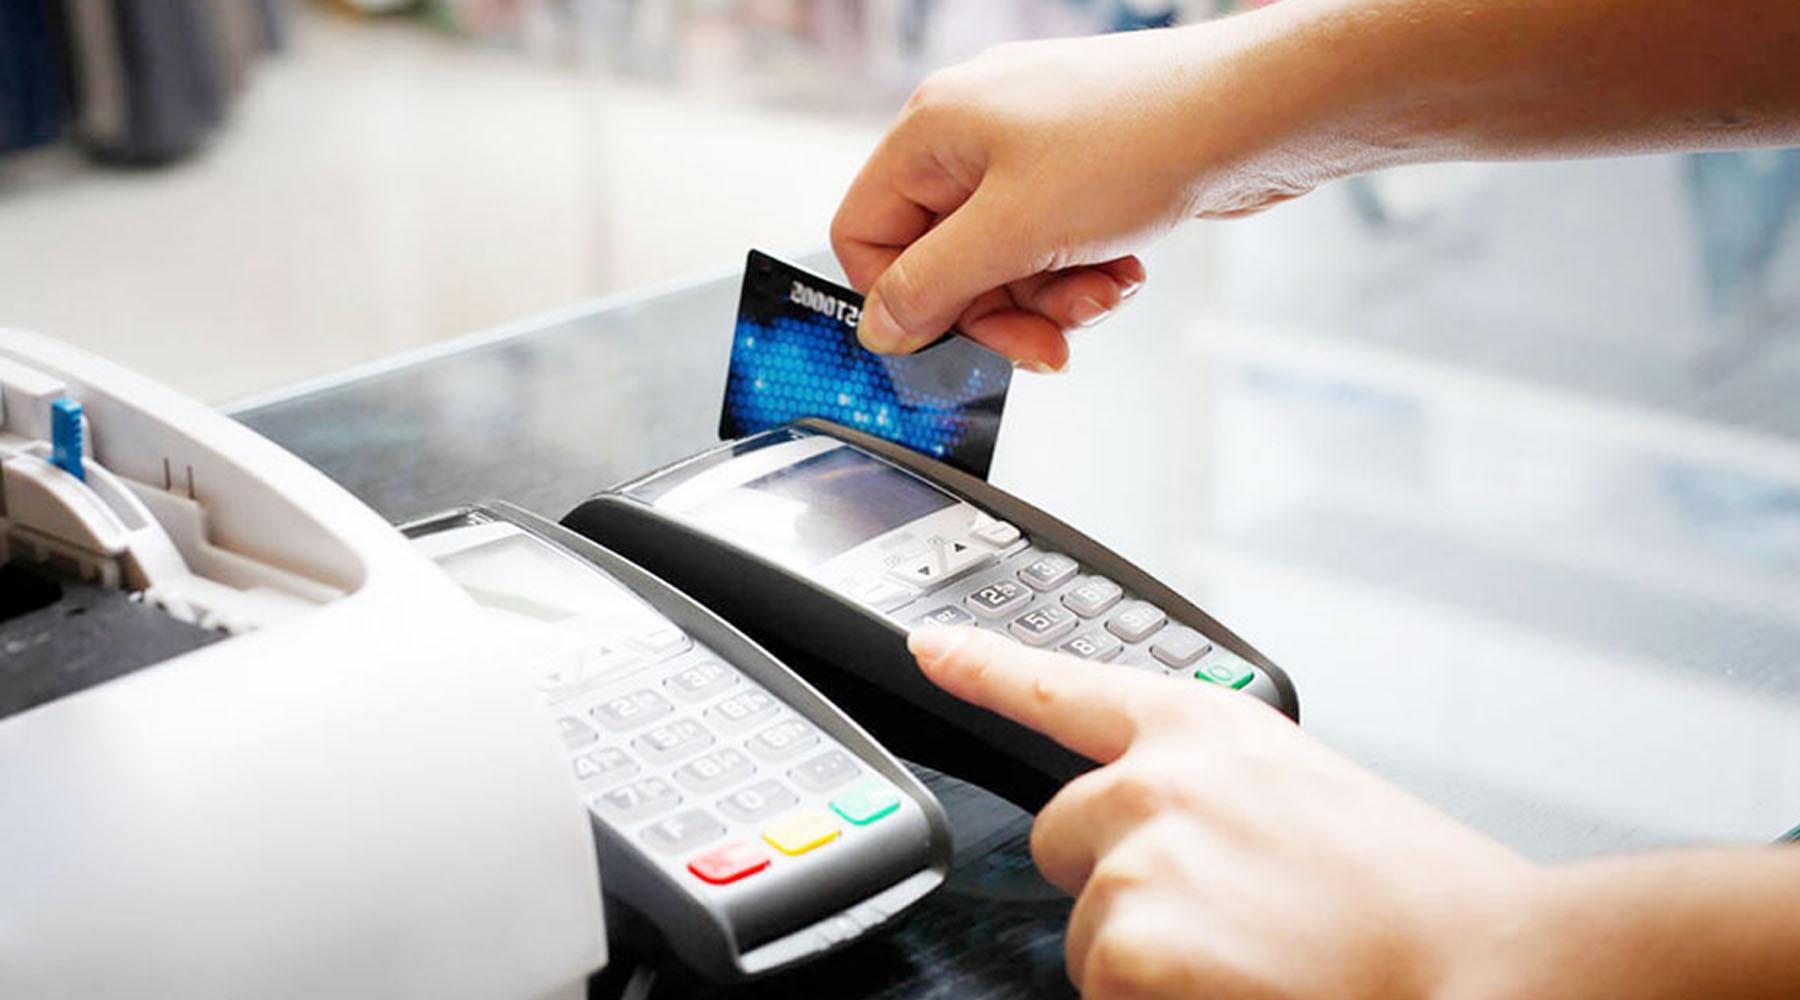 Quẹt thẻ ATM thanh toán an toàn và dễ dàng (Nguồn: tien24h.vn)